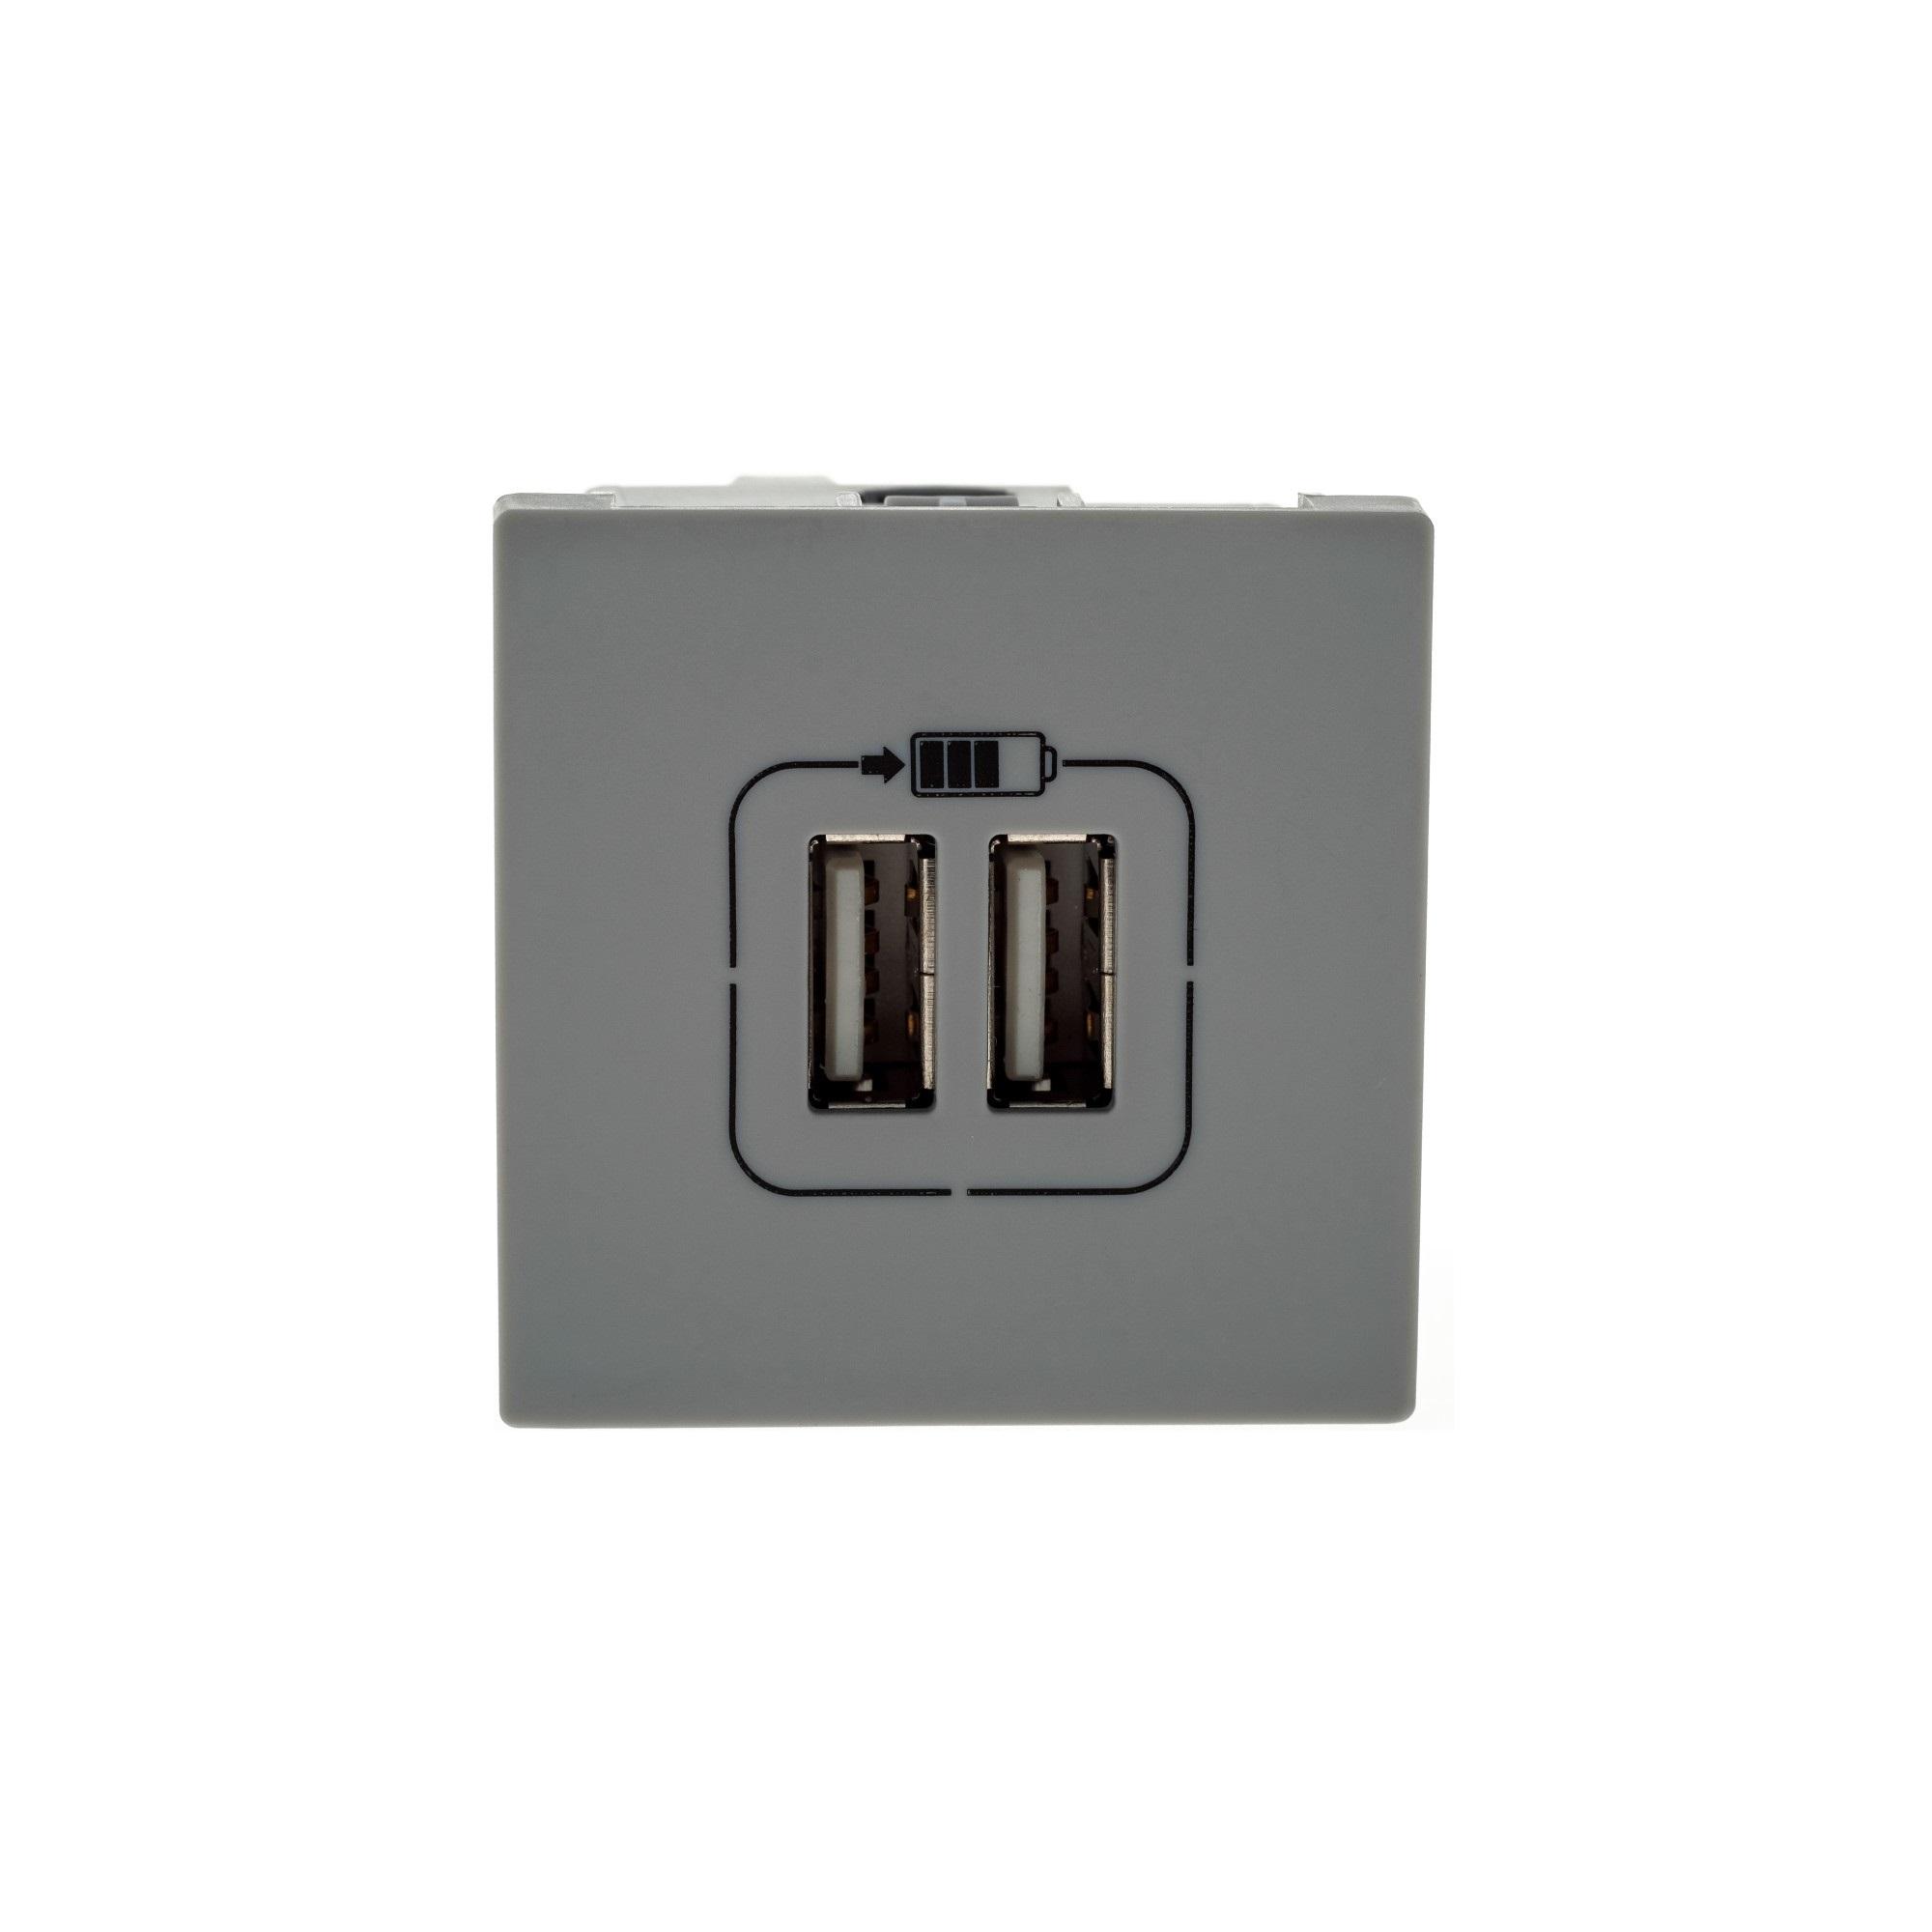 Tomada Carregador USB 2 Modulos Bivolt Pial Plus - 615089CZ - Legrand